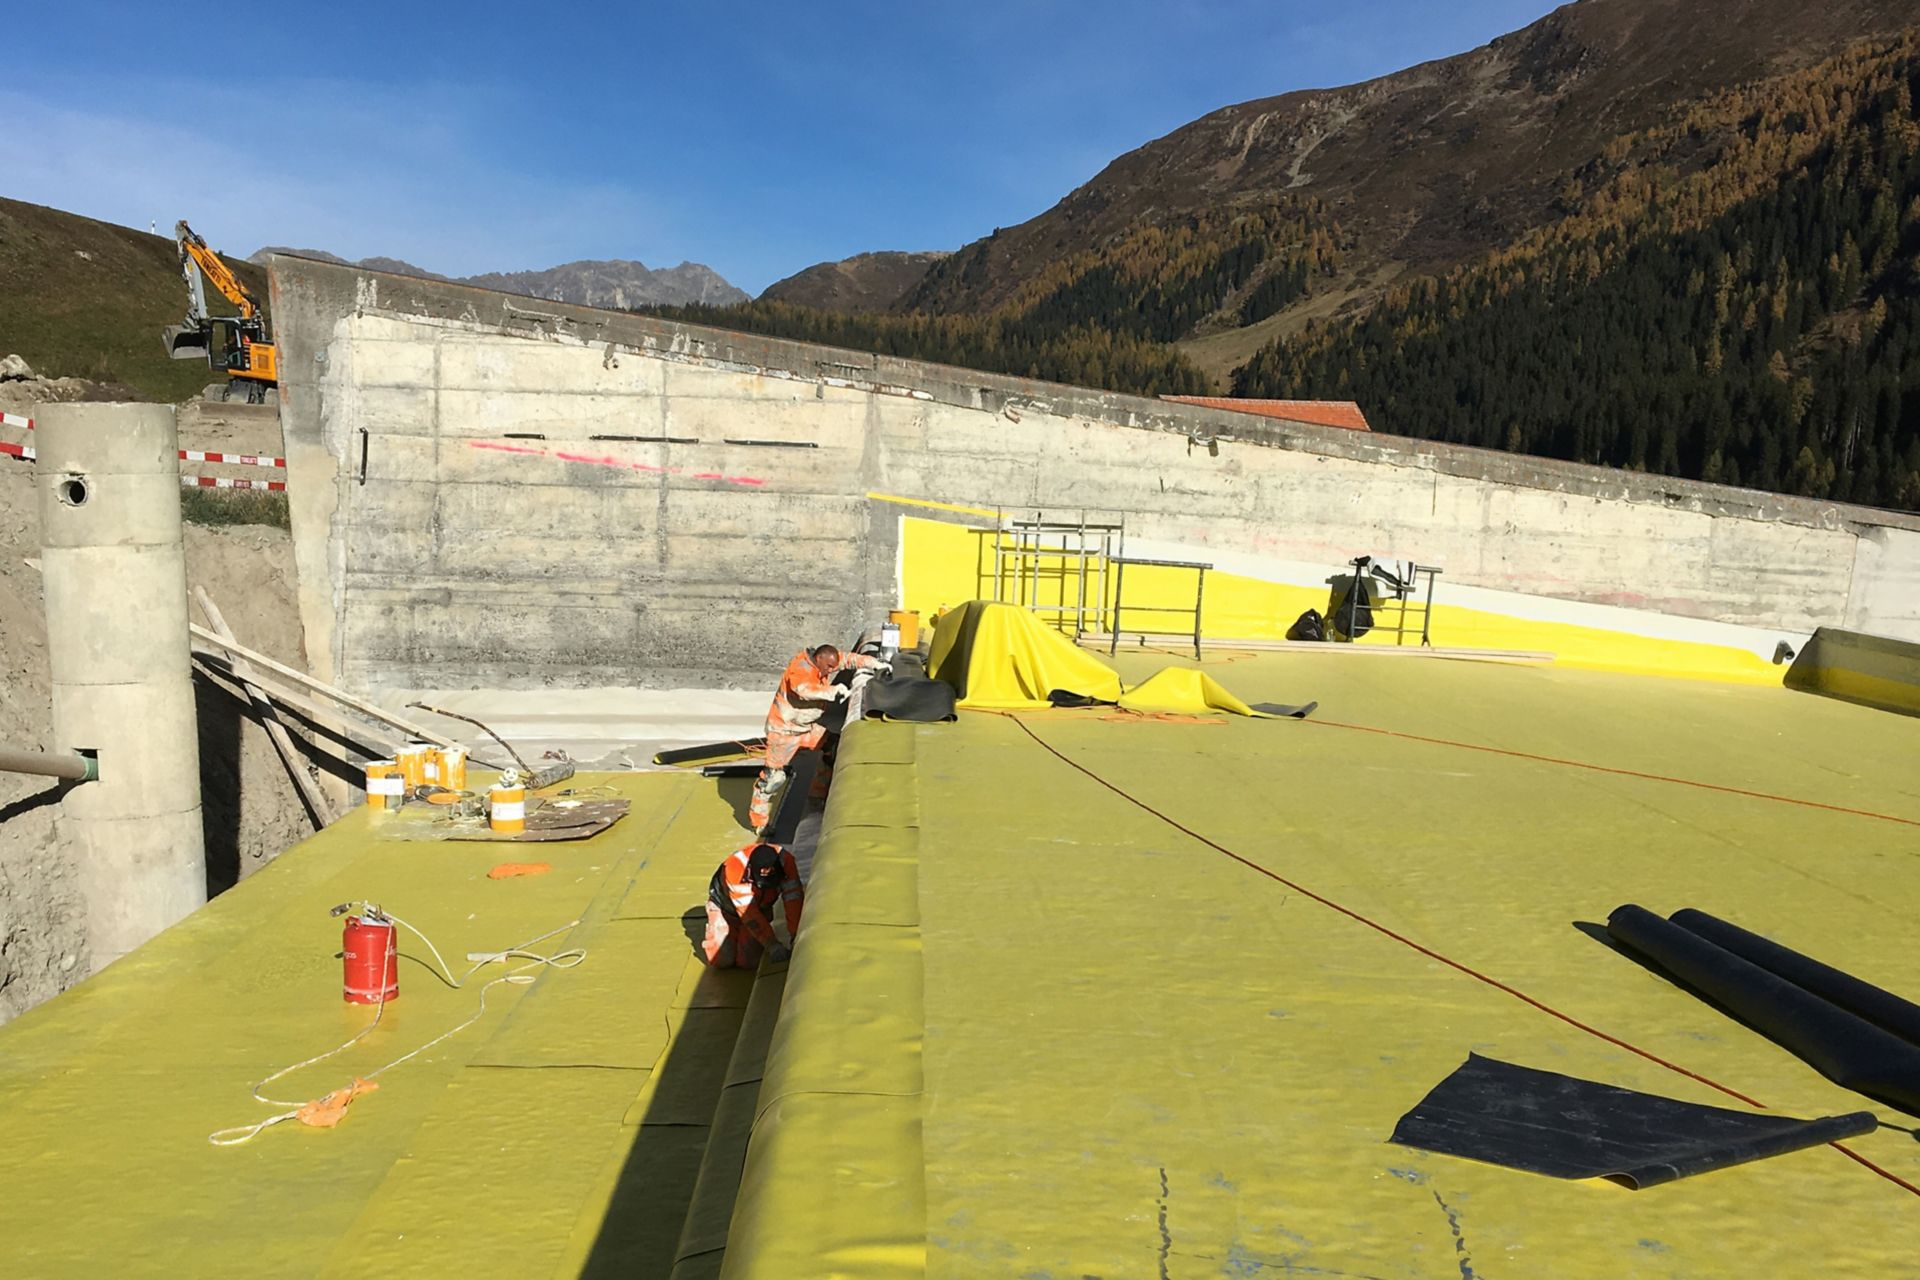 Lawinengalerie Salezertobel, Davos